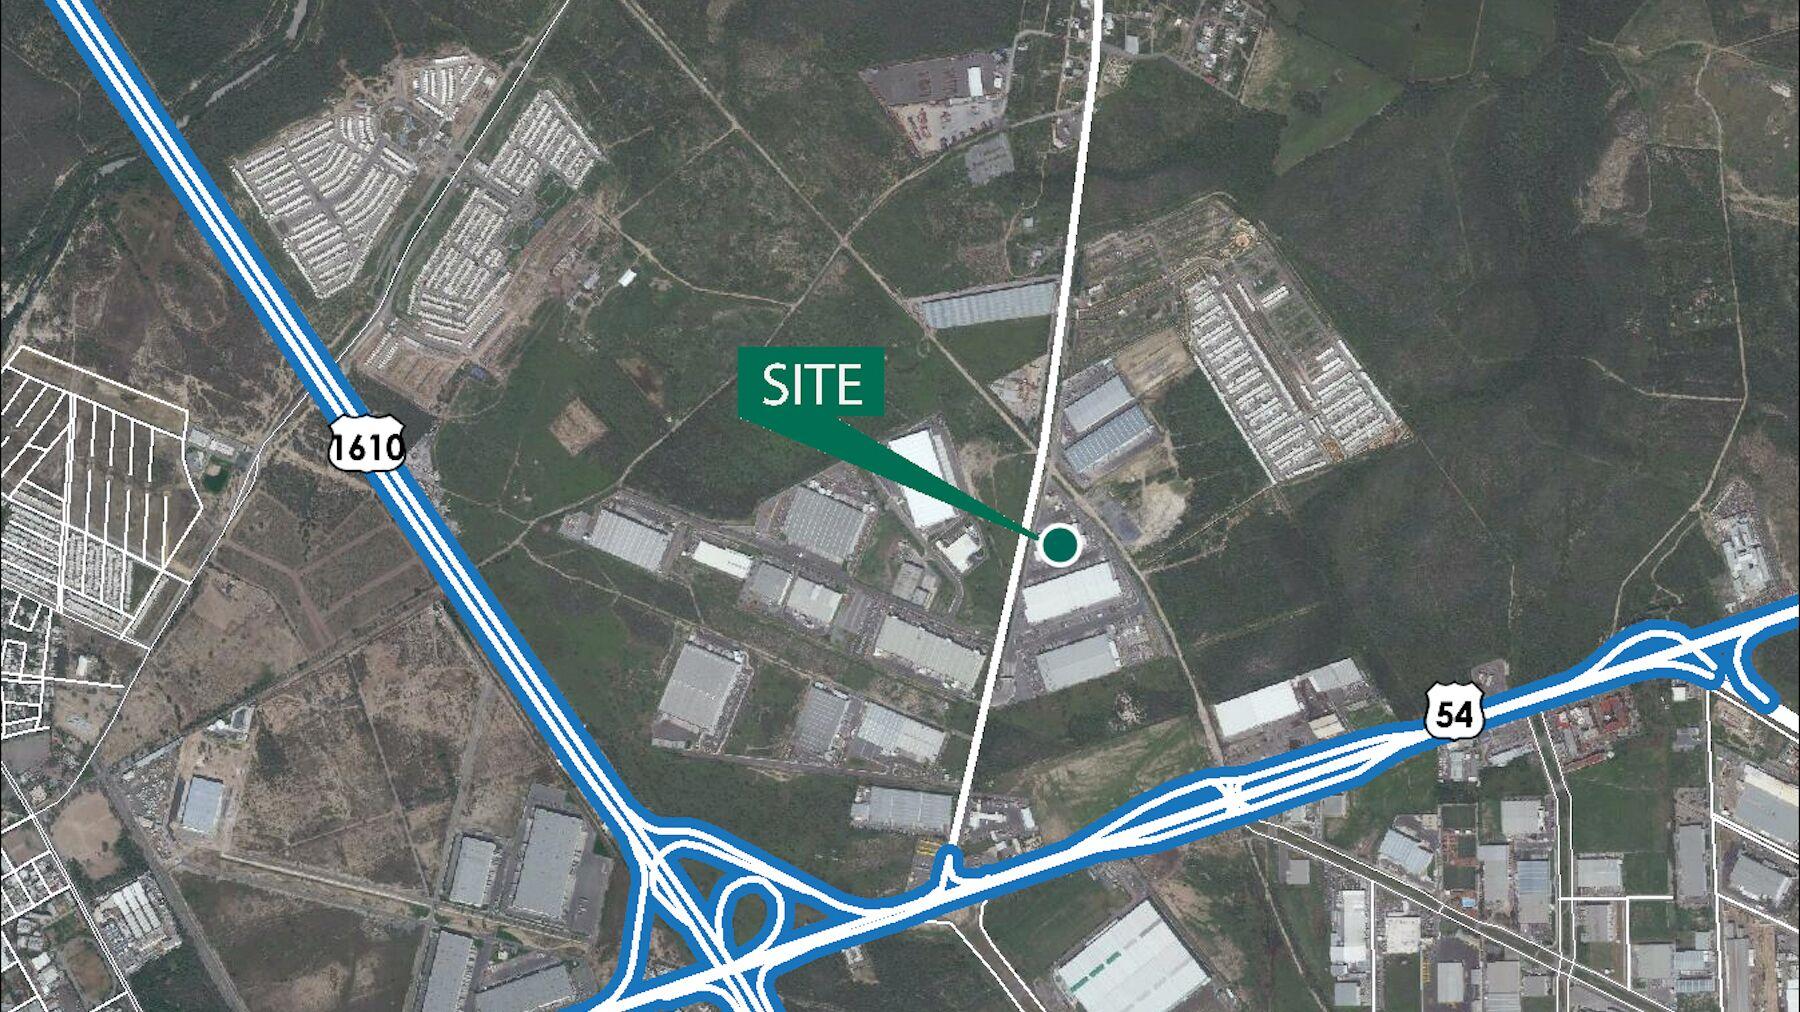 DPM-Agua-Fria-1-Flyer-Property-Aerial-3-25x4-49-.jpg